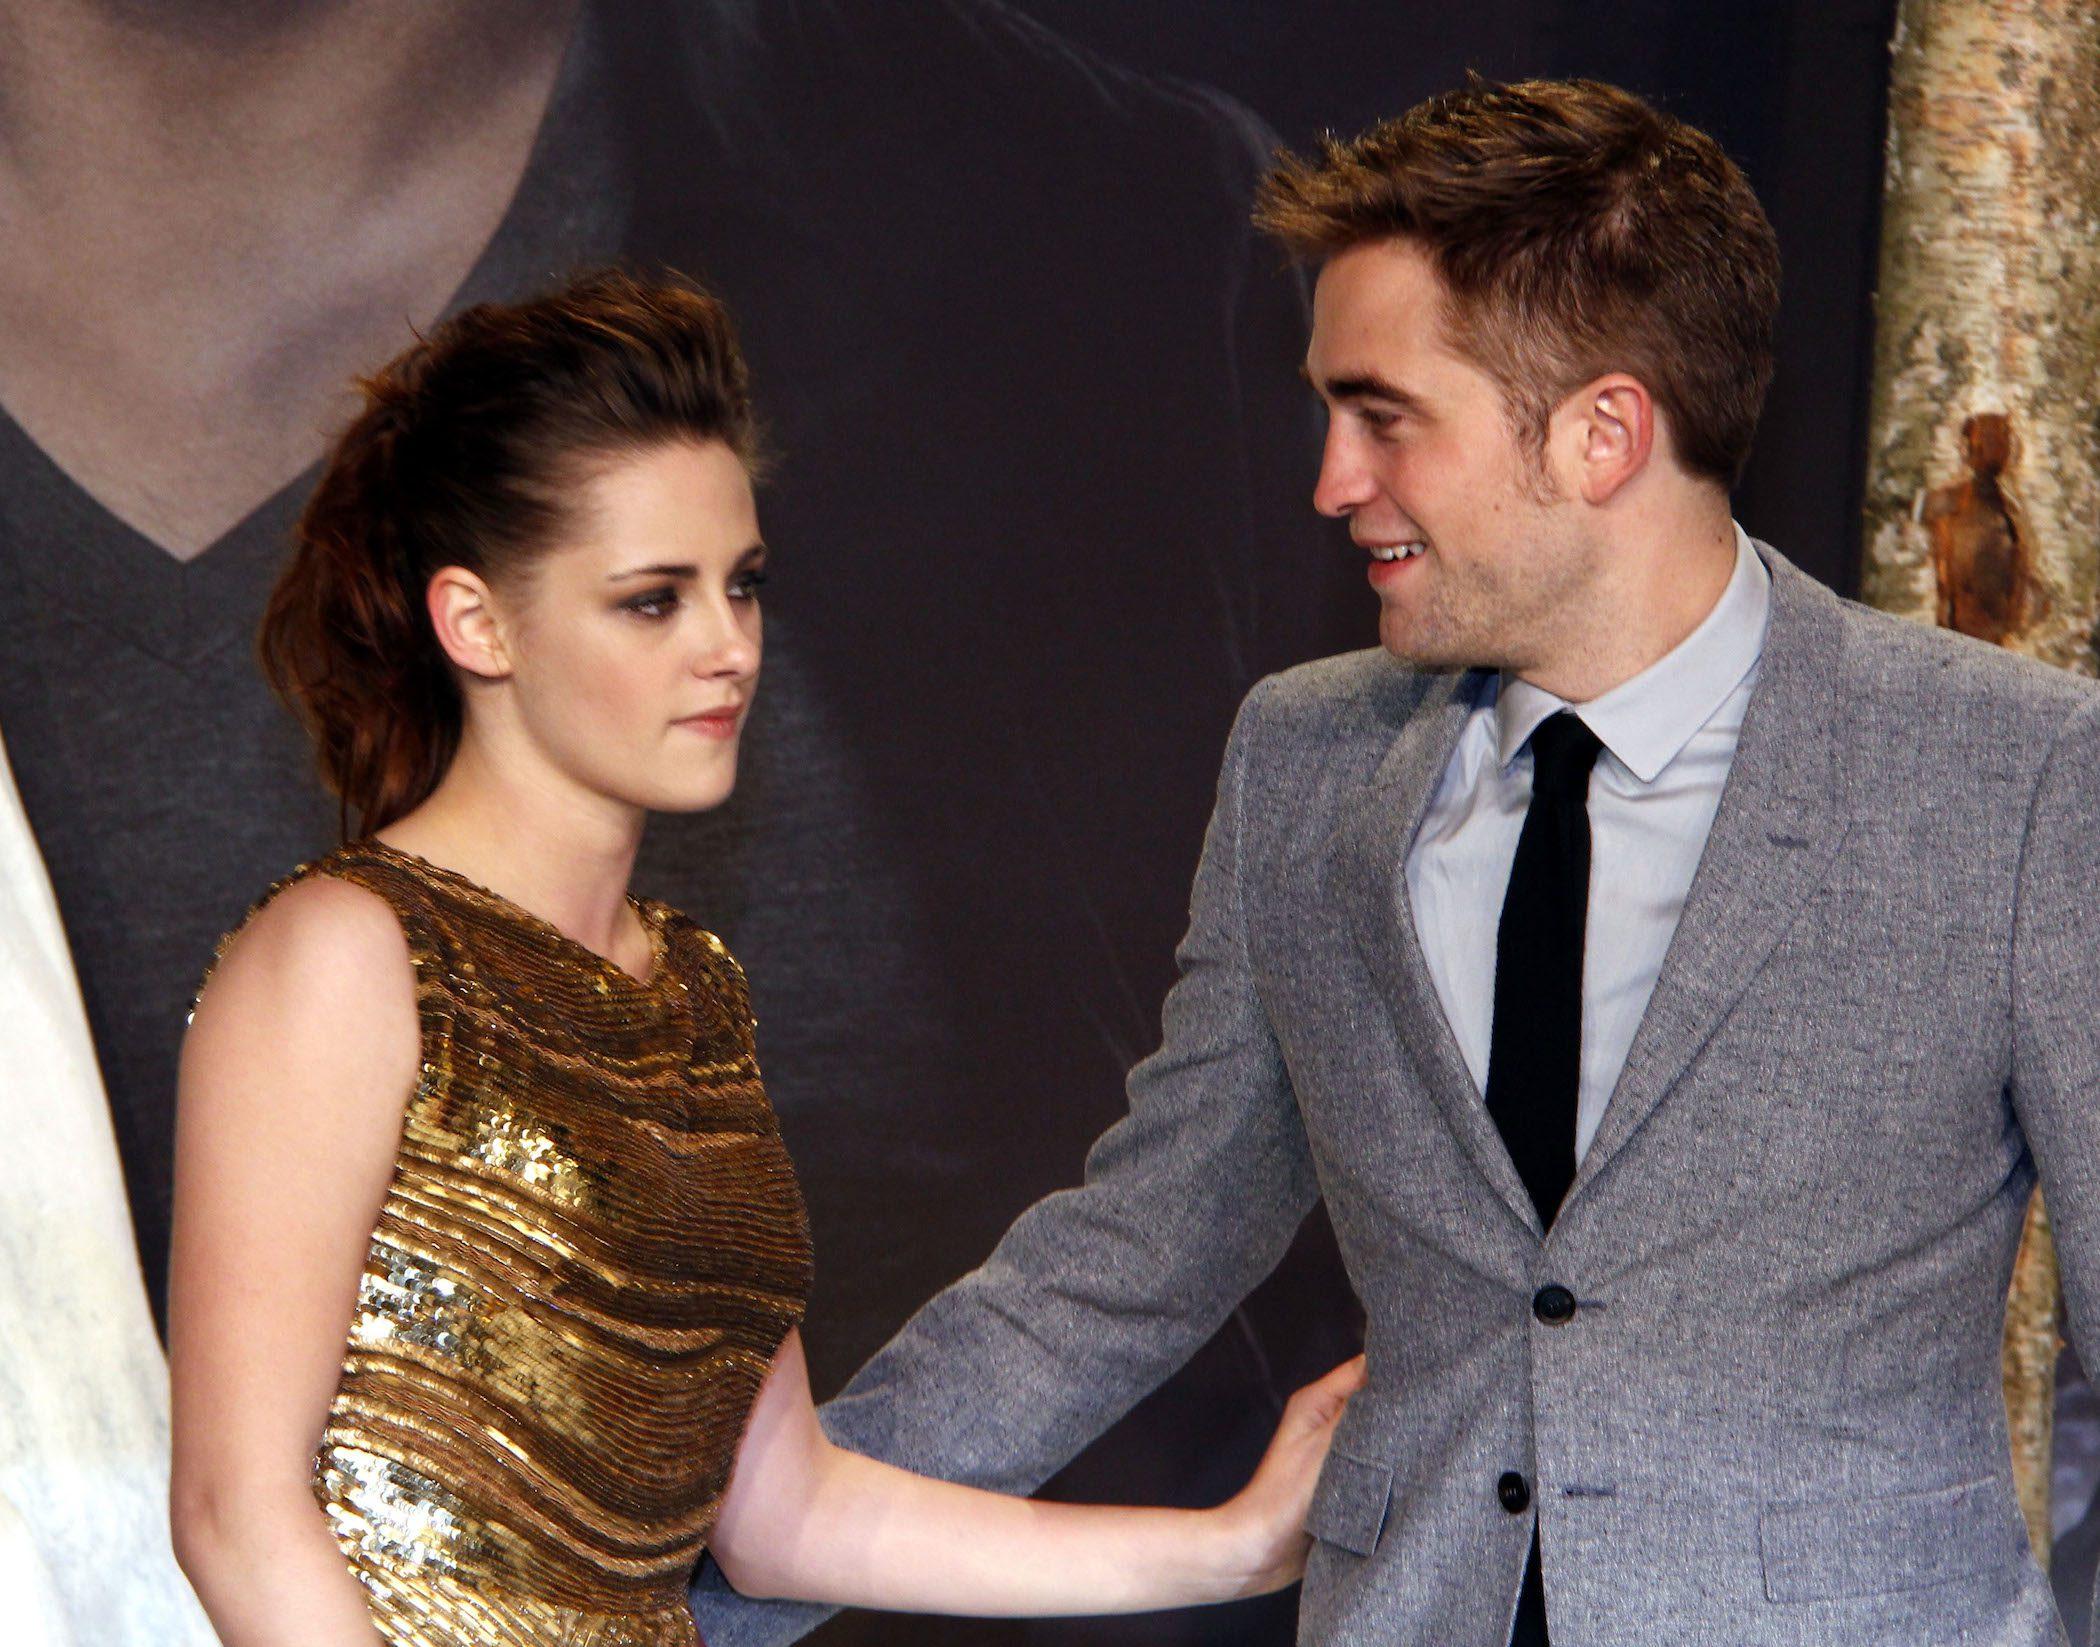 Kristen and Robert breakup